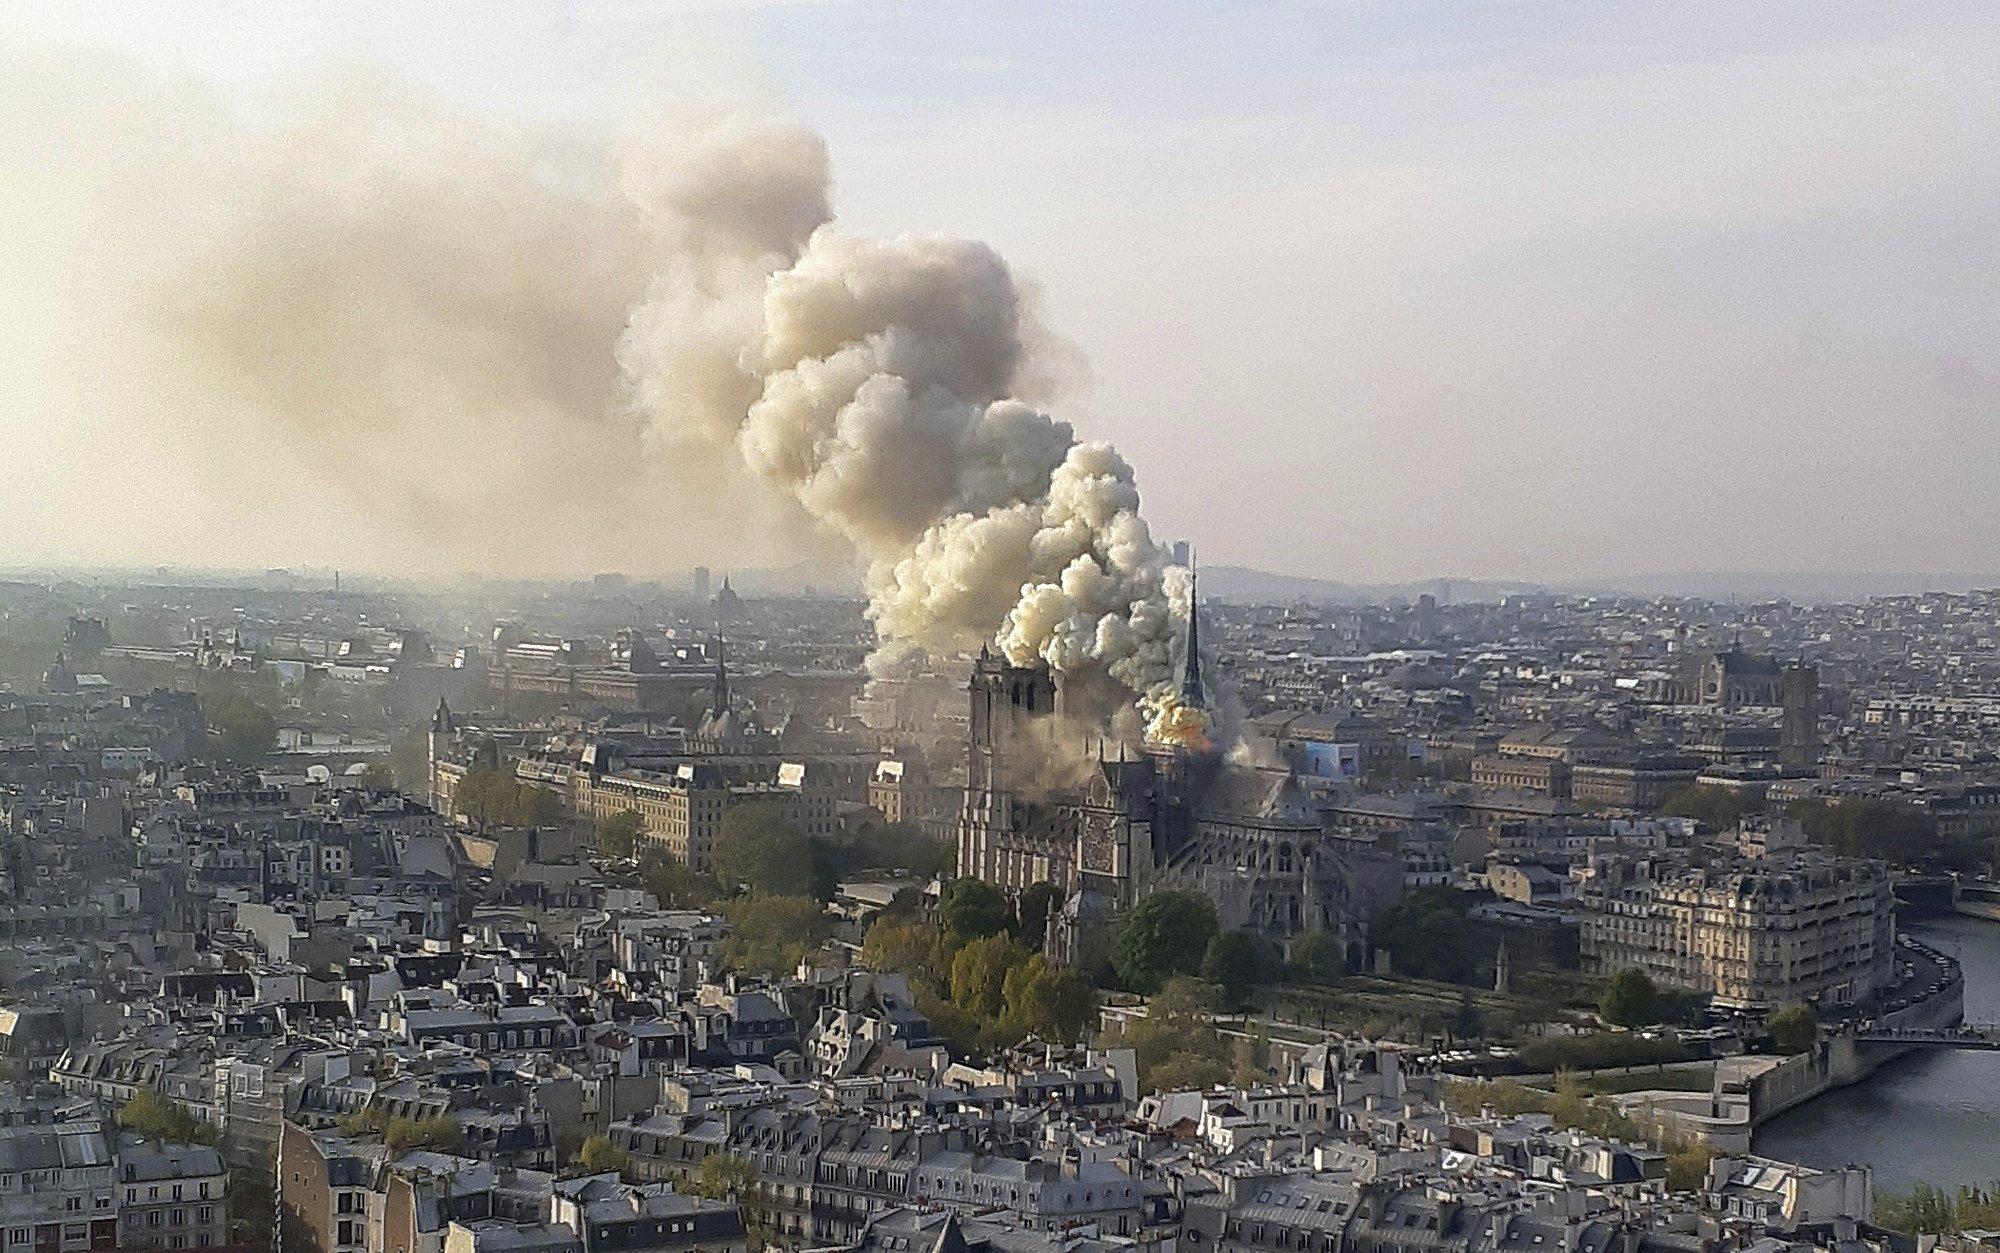 Breyer finds hope, optimism in Notre Dame rebuilding effort